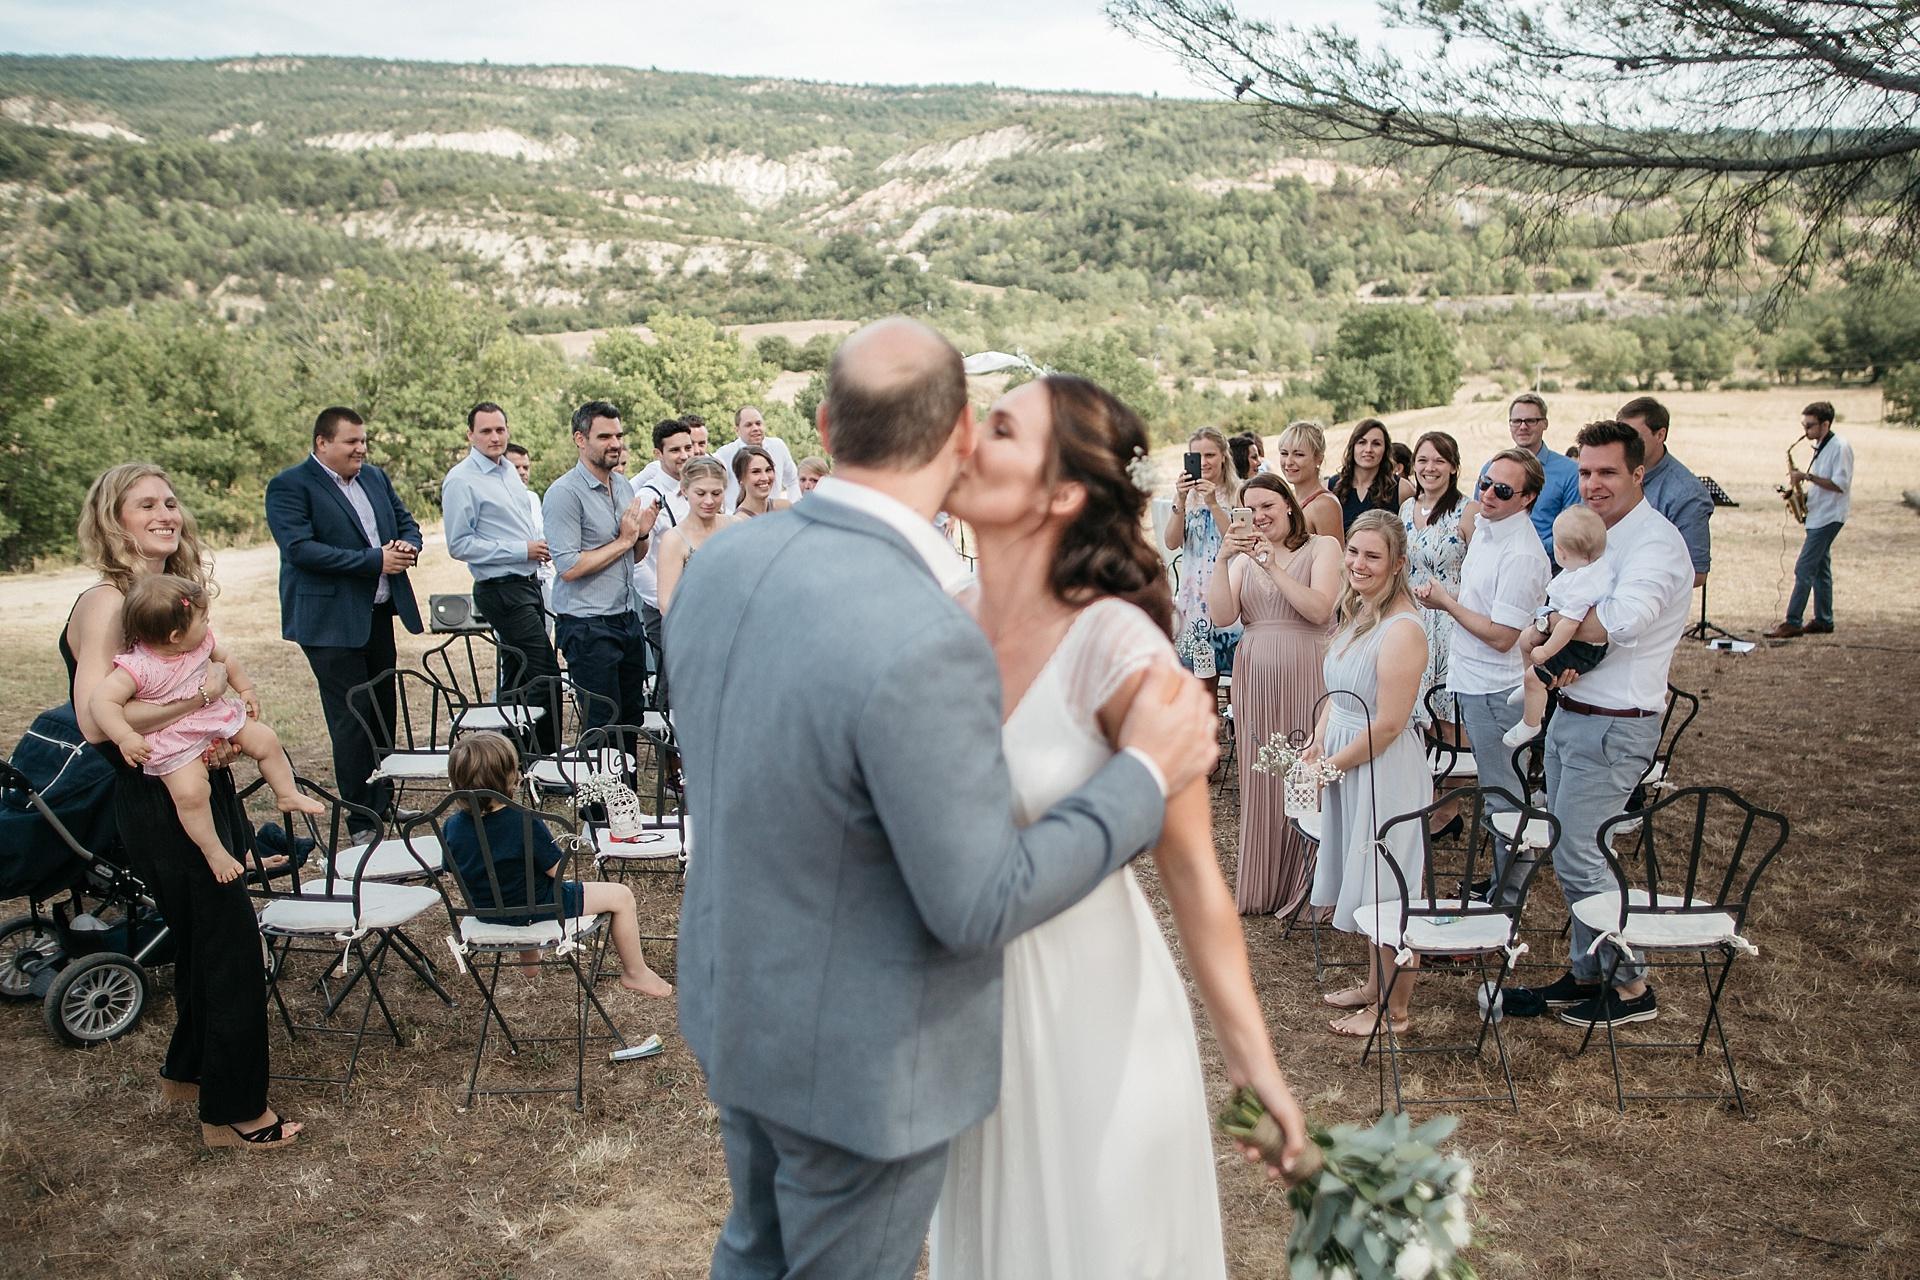 Traumhafte Hochzeit in der Provence. Das glückliche Brautpaar.